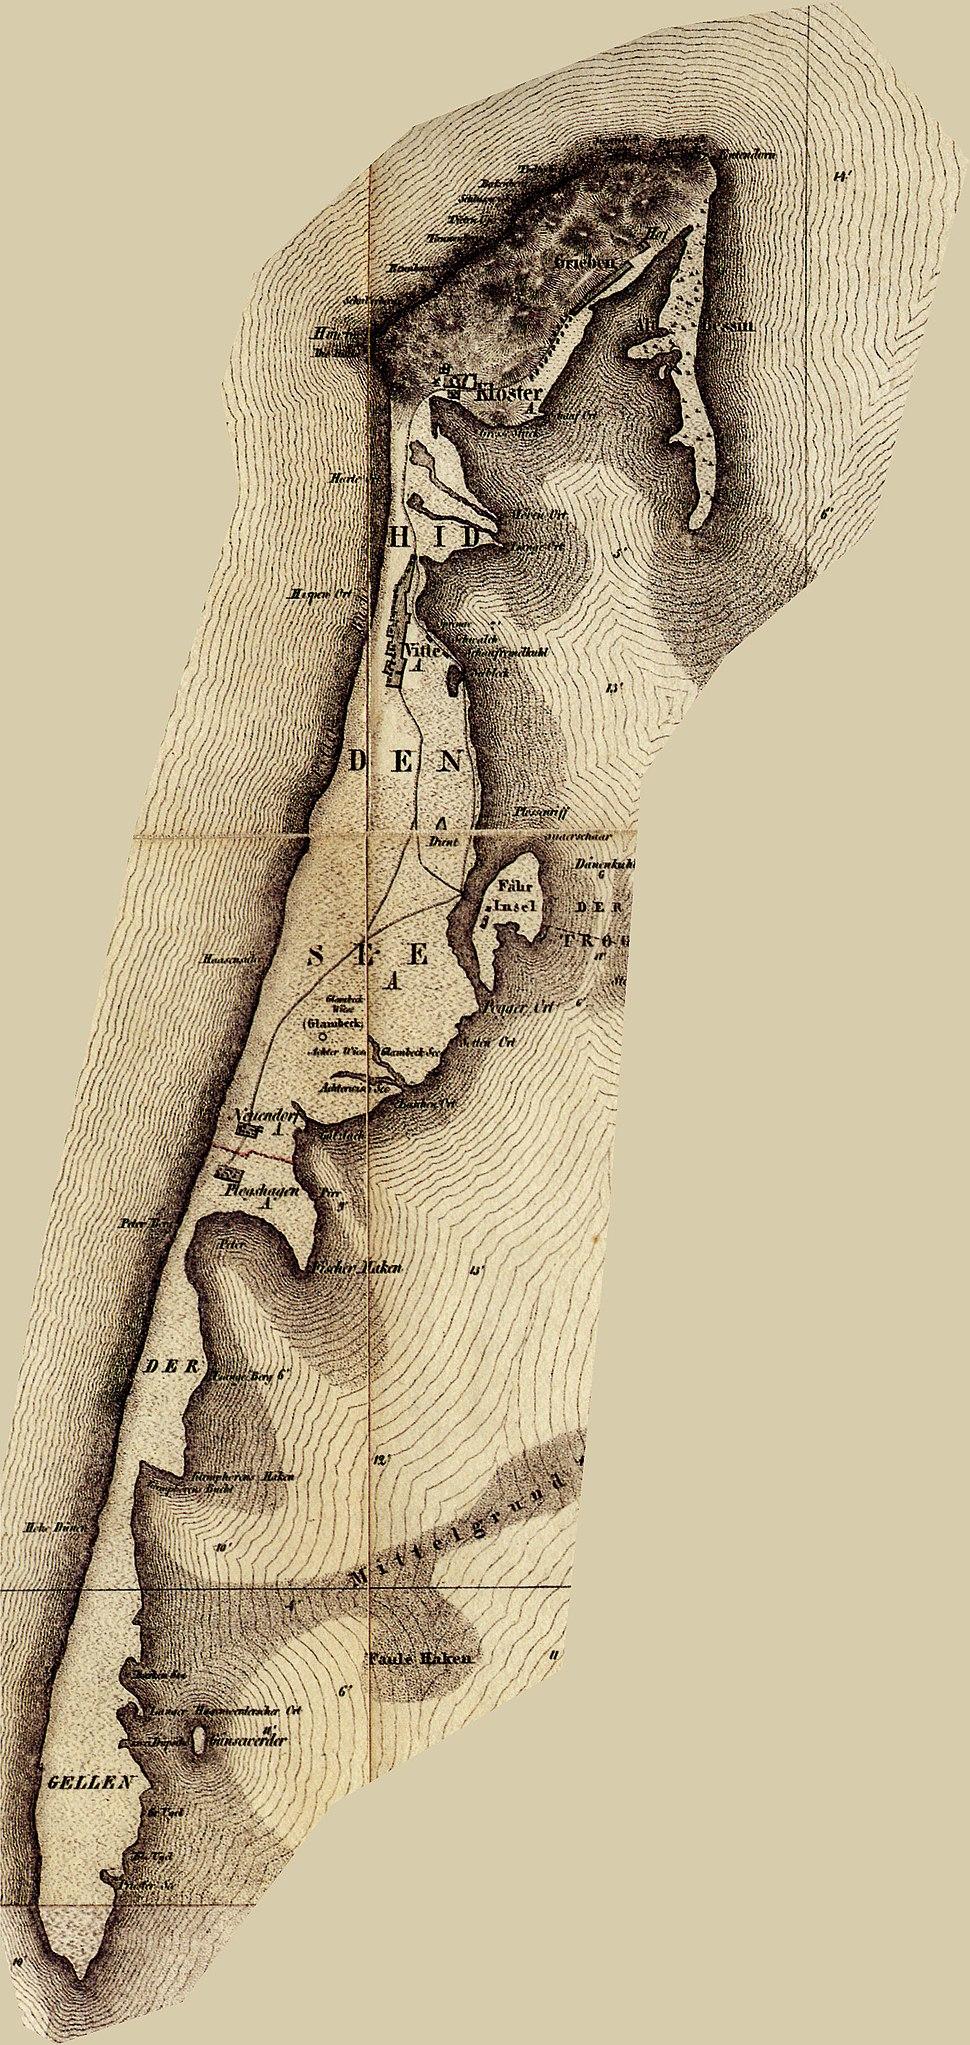 Hiddensee historische karte